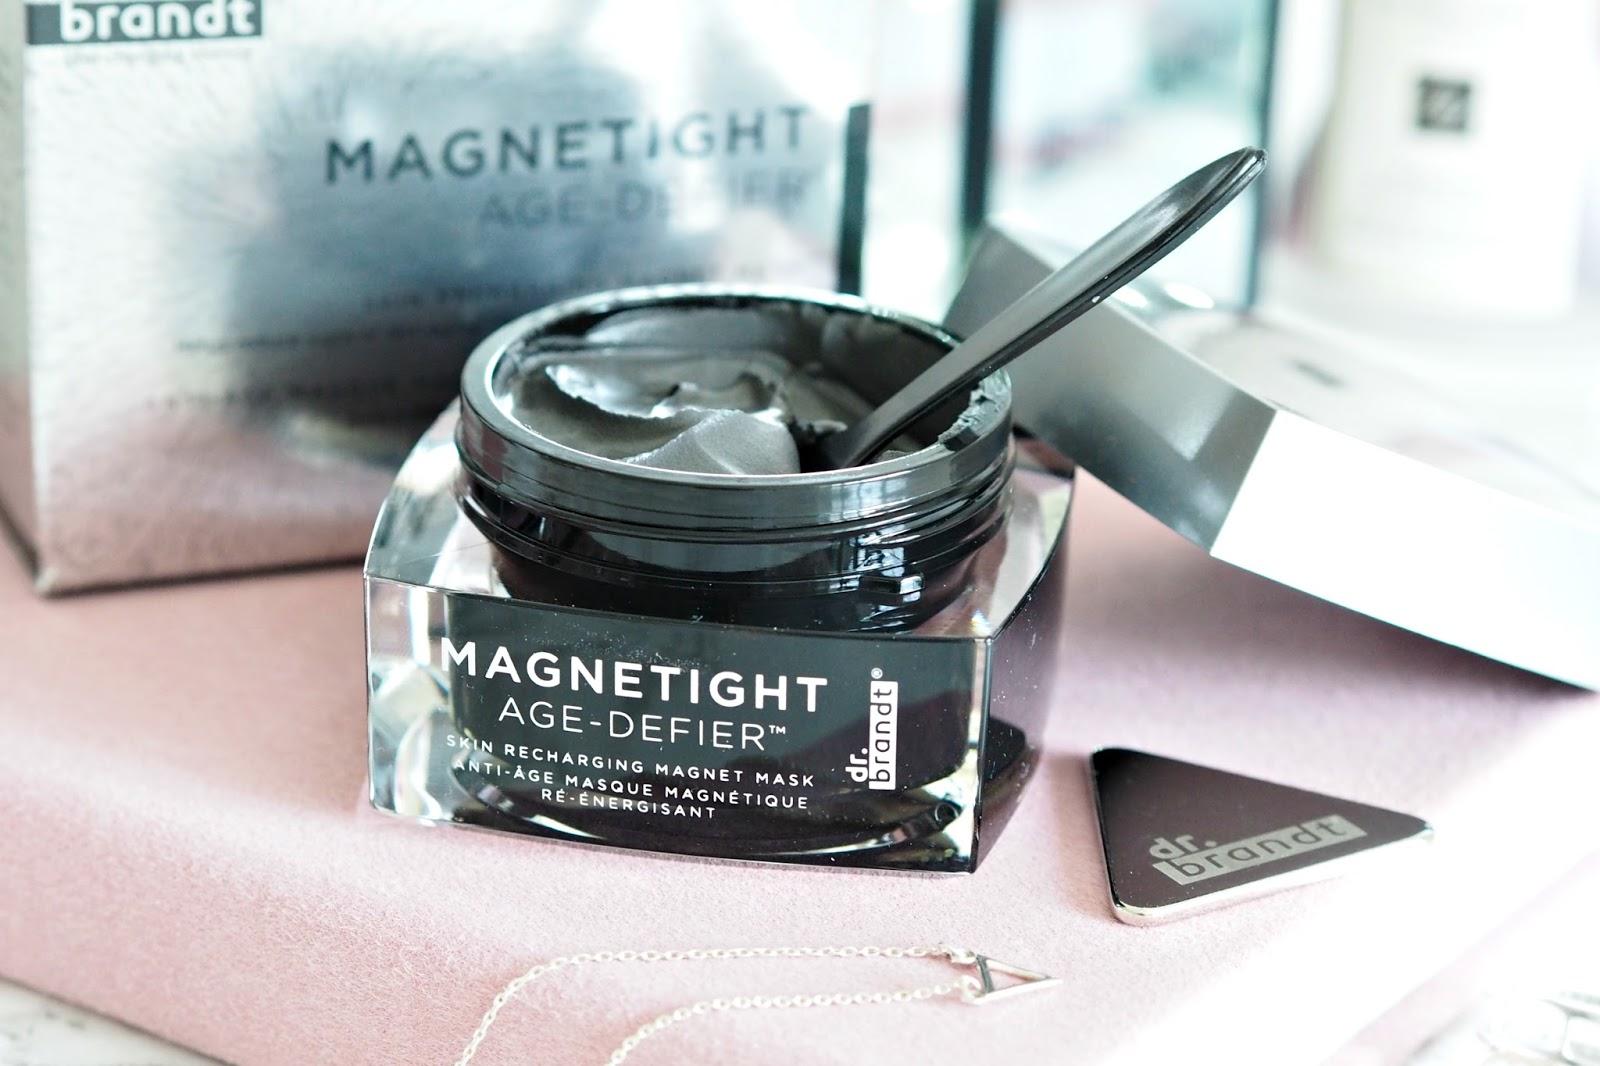 Dr Brandt Magnetight Age-Defier Skin Recharging Magnet Mask review